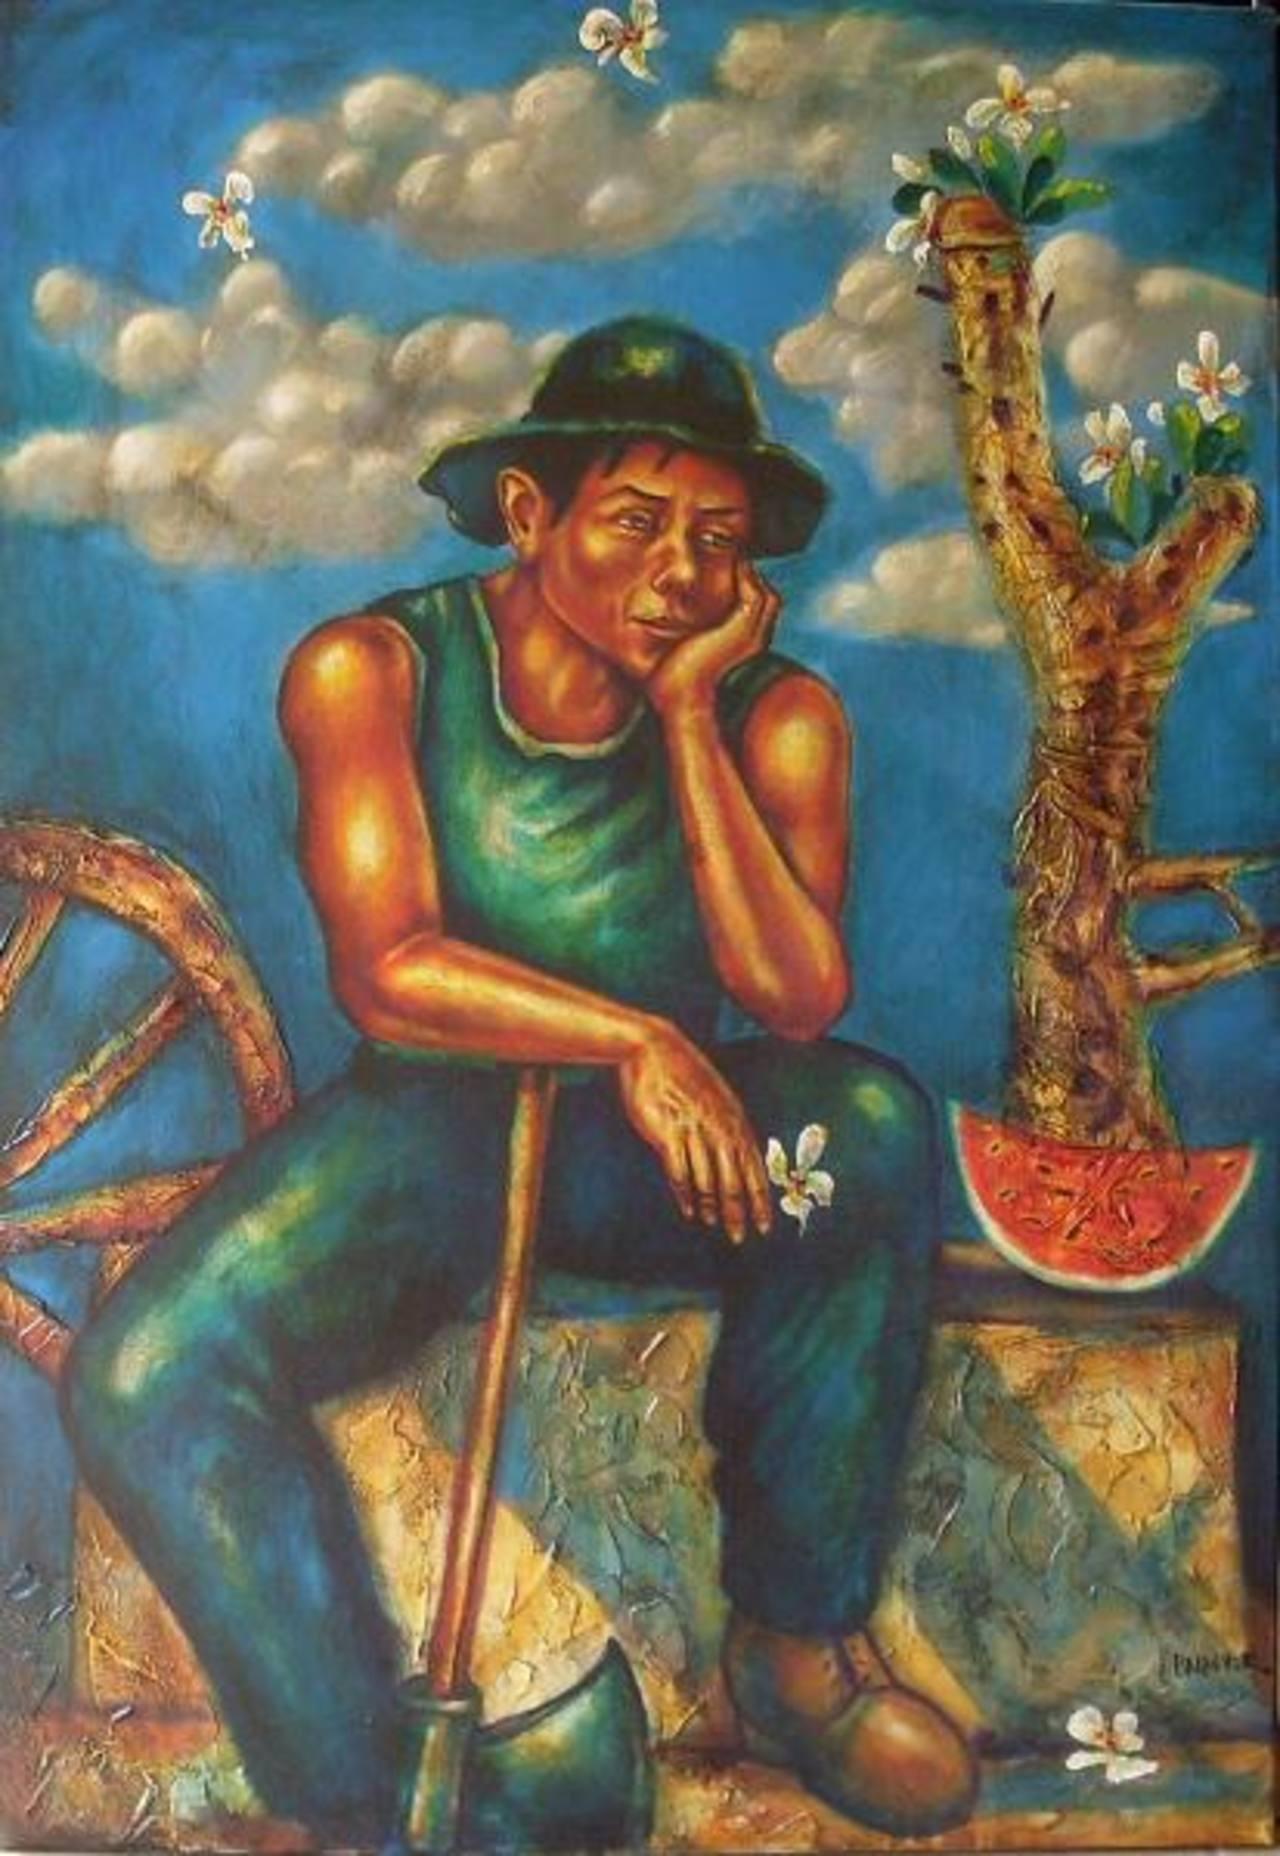 El Sueño del Hachador es una de las obras del pintor.